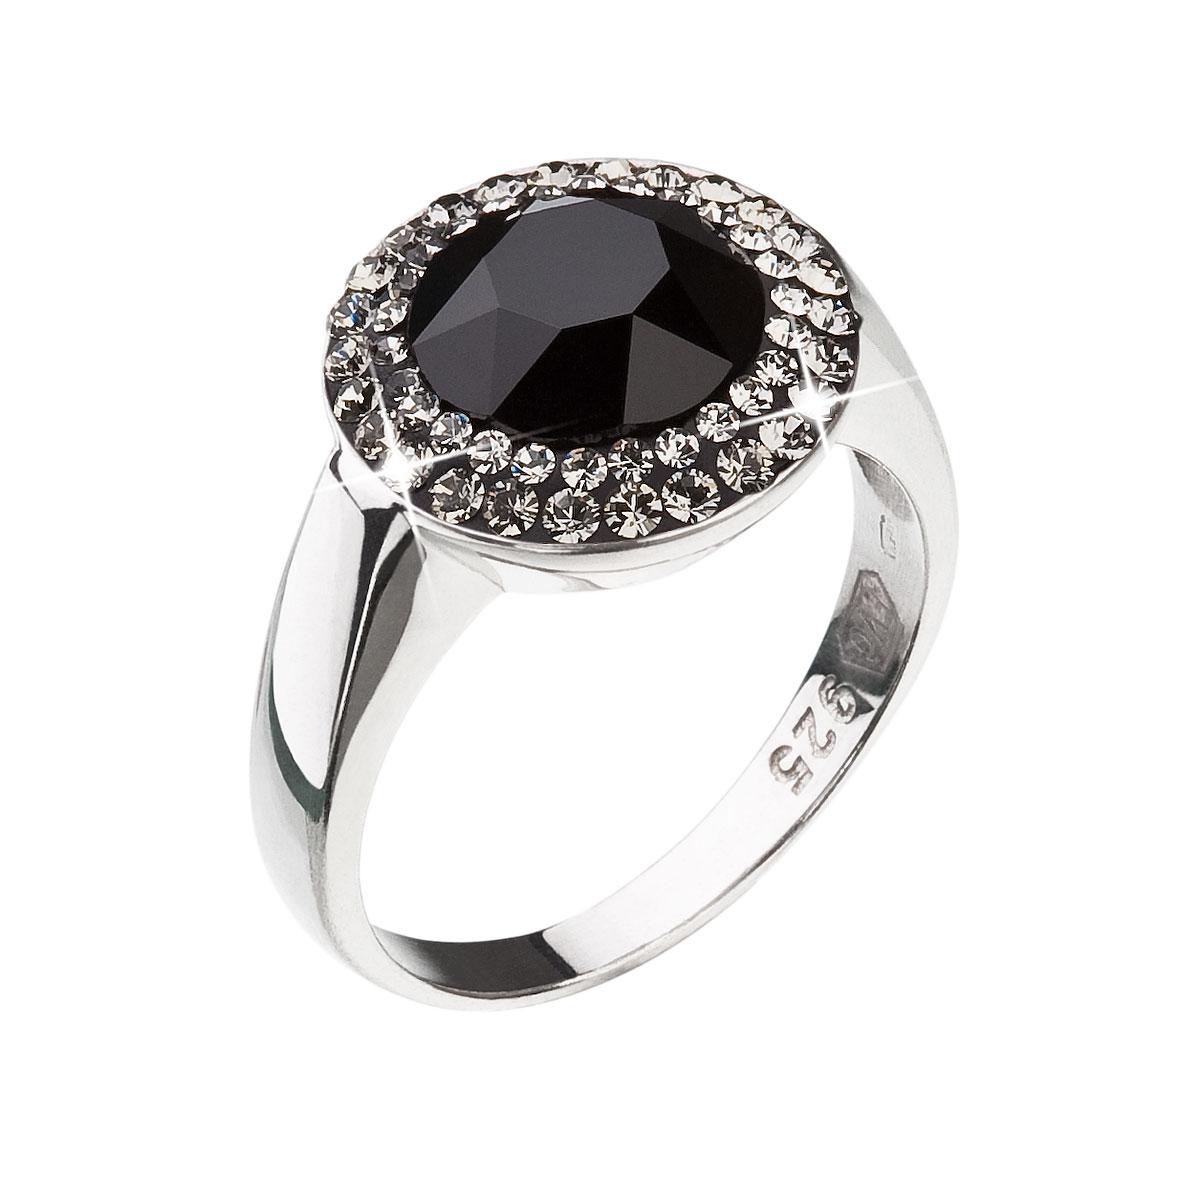 Strieborný prsteň s krištáľmi čierny 35025.3